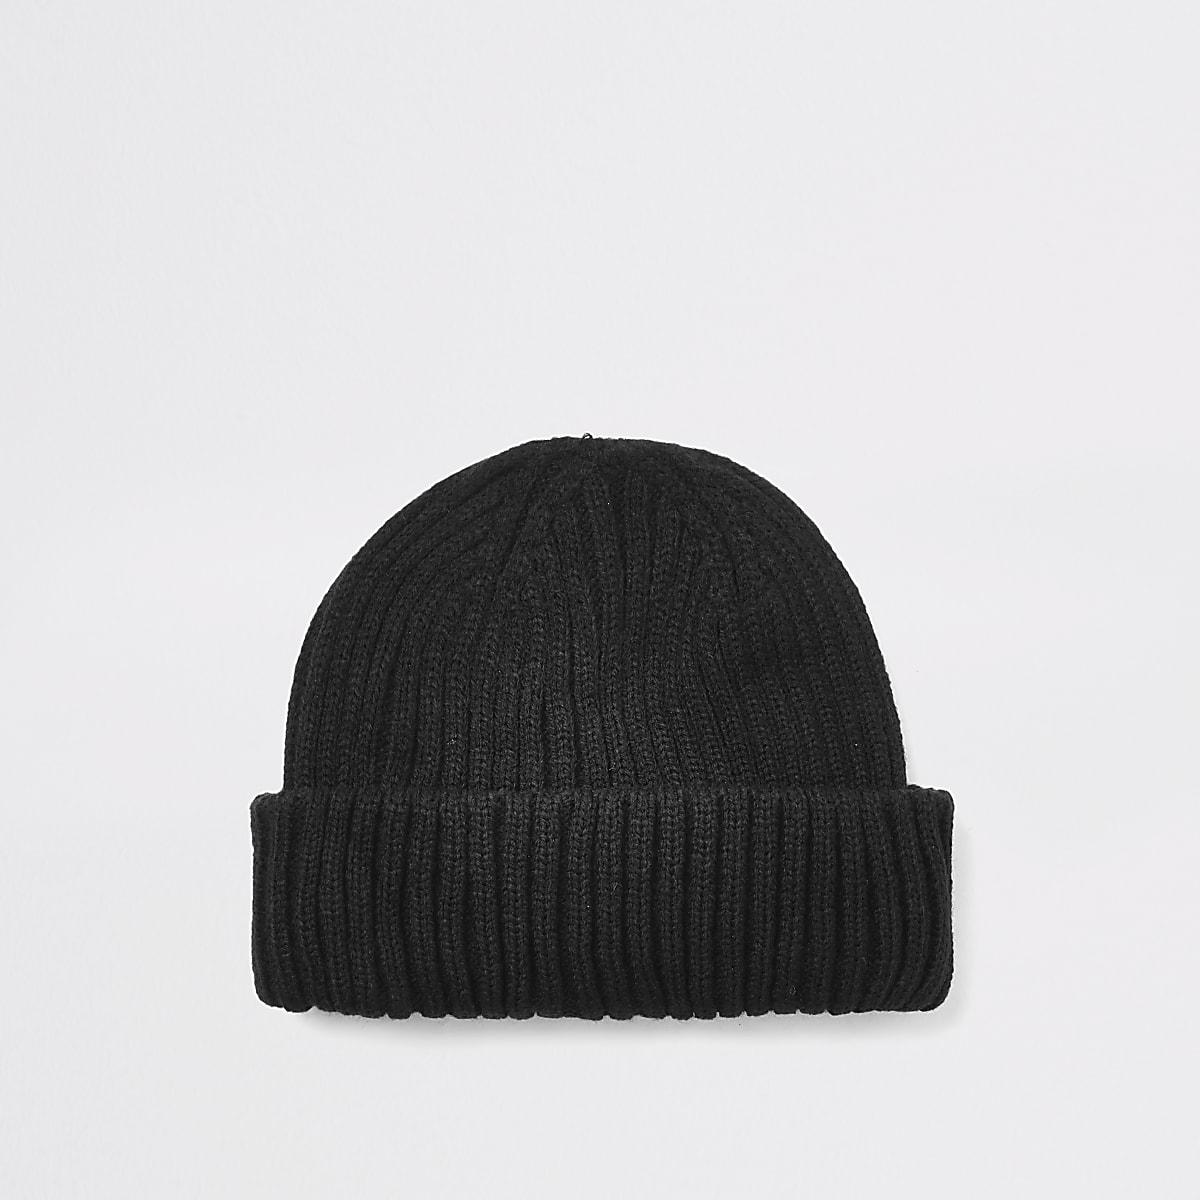 Black knitted beanie docker hat